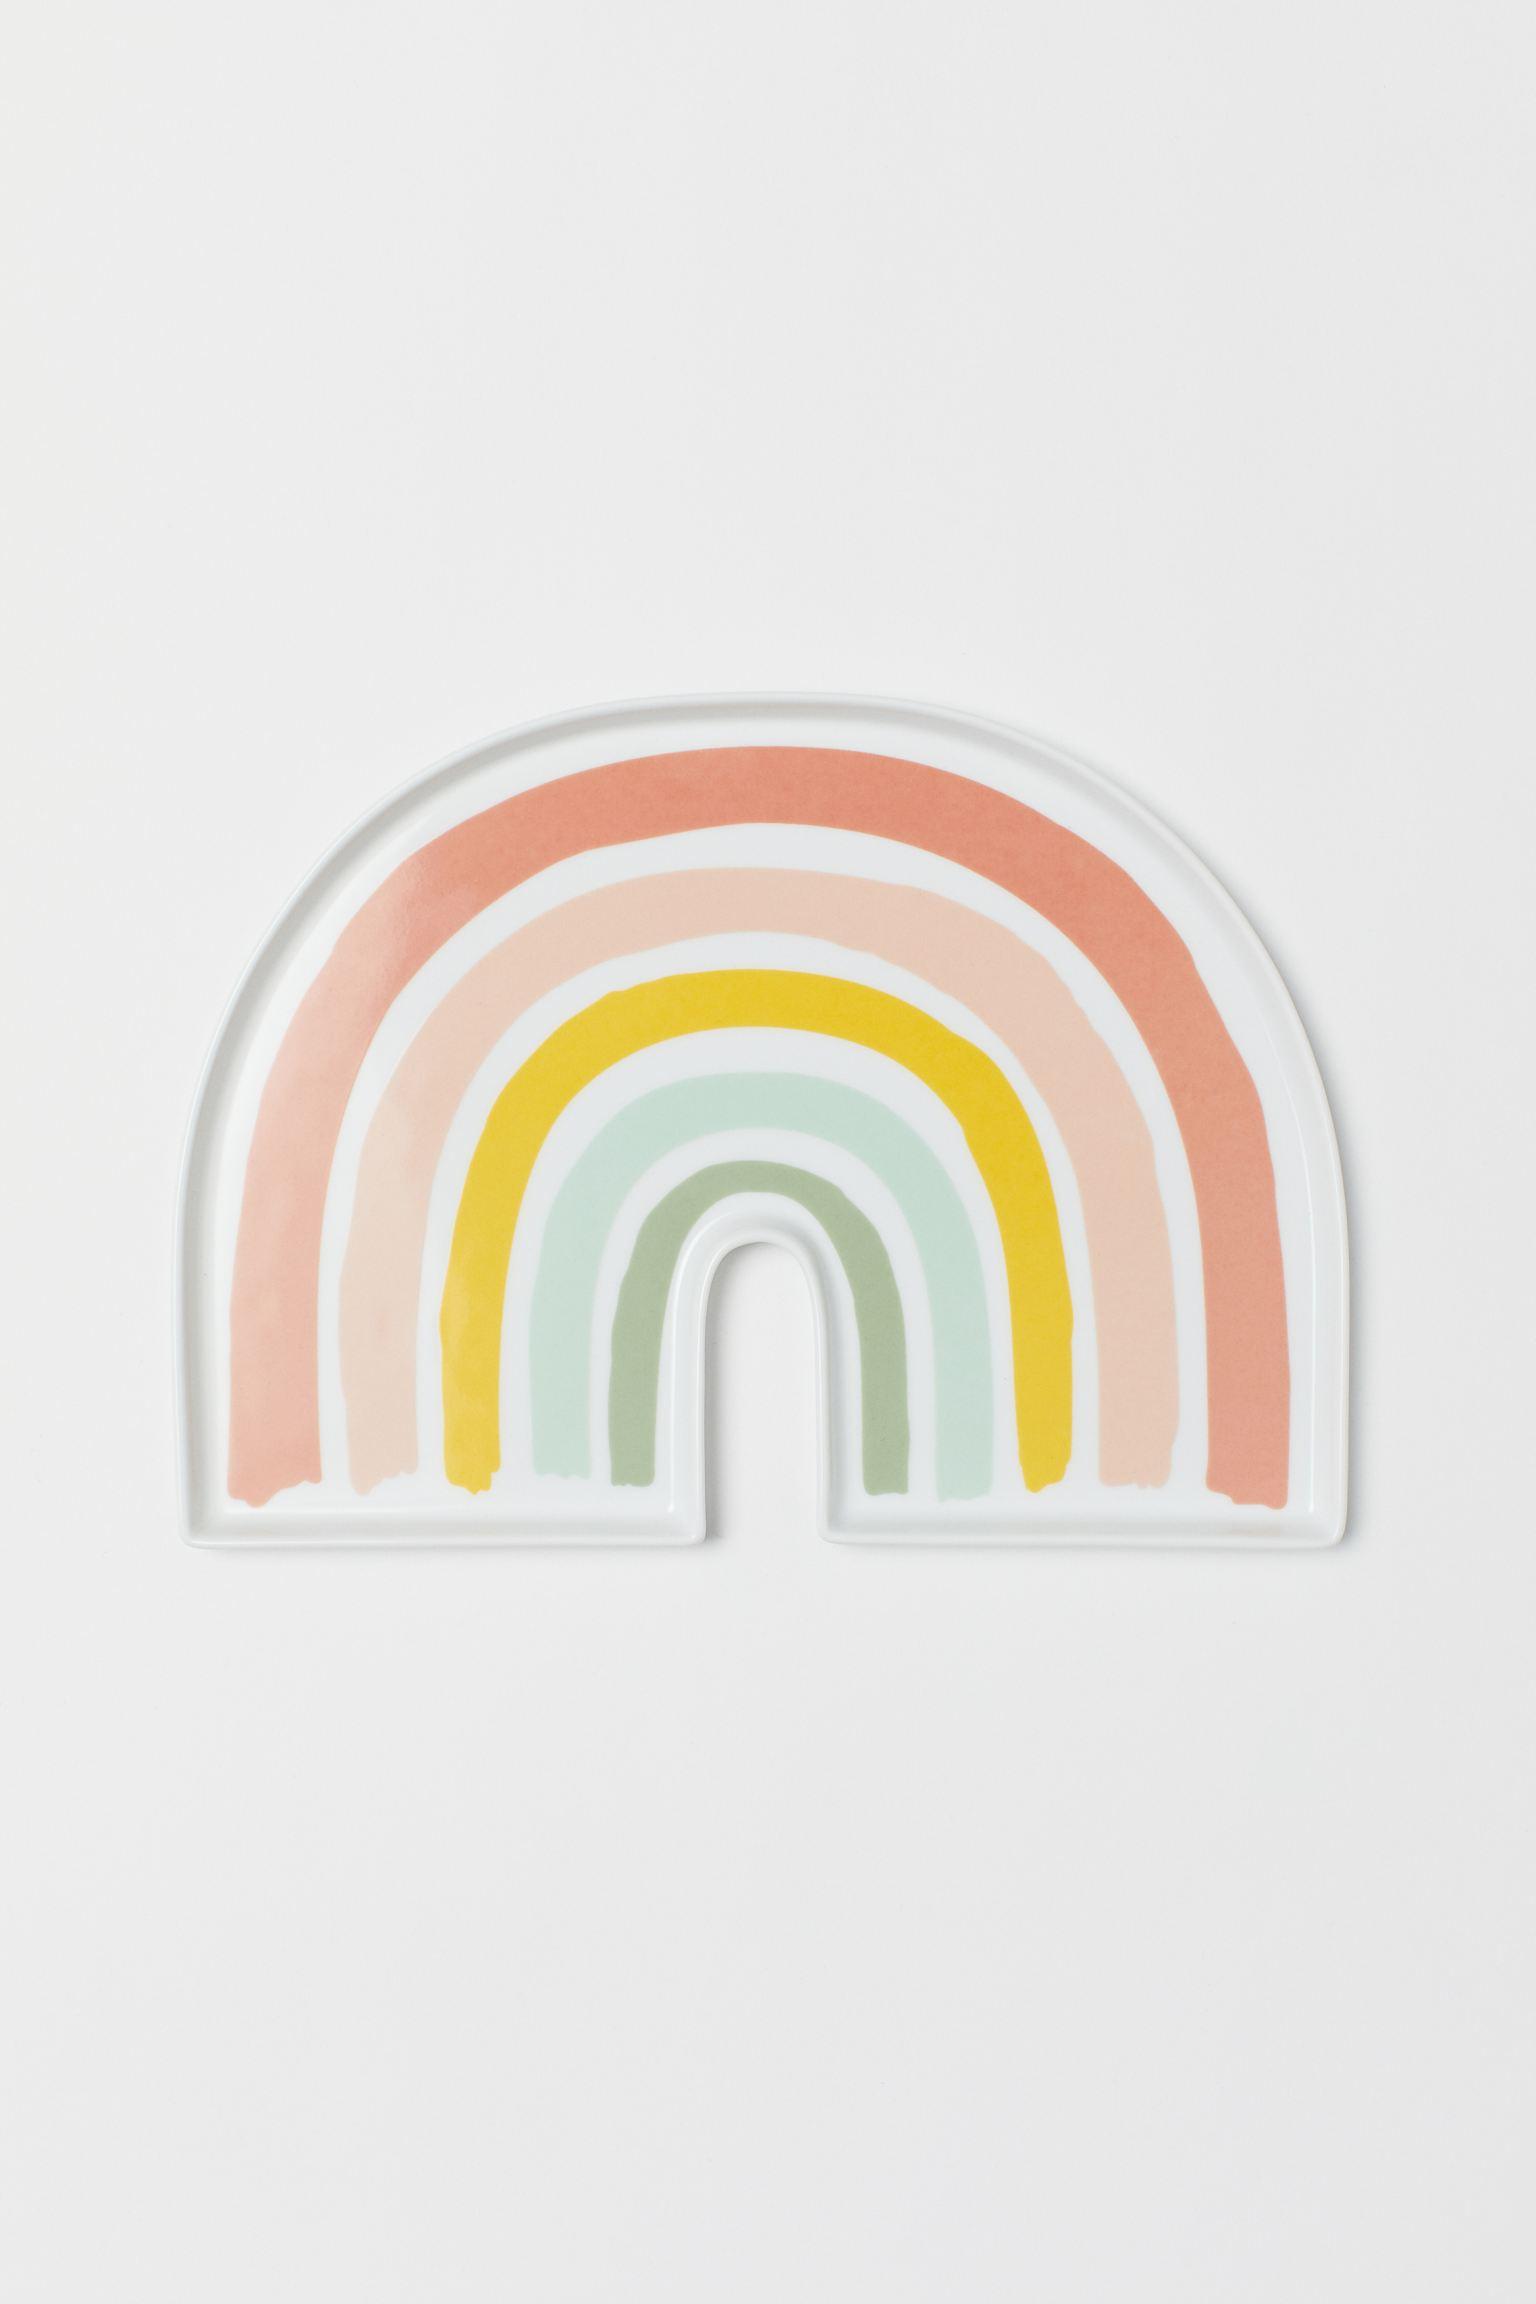 Plato con forma de arcoíris